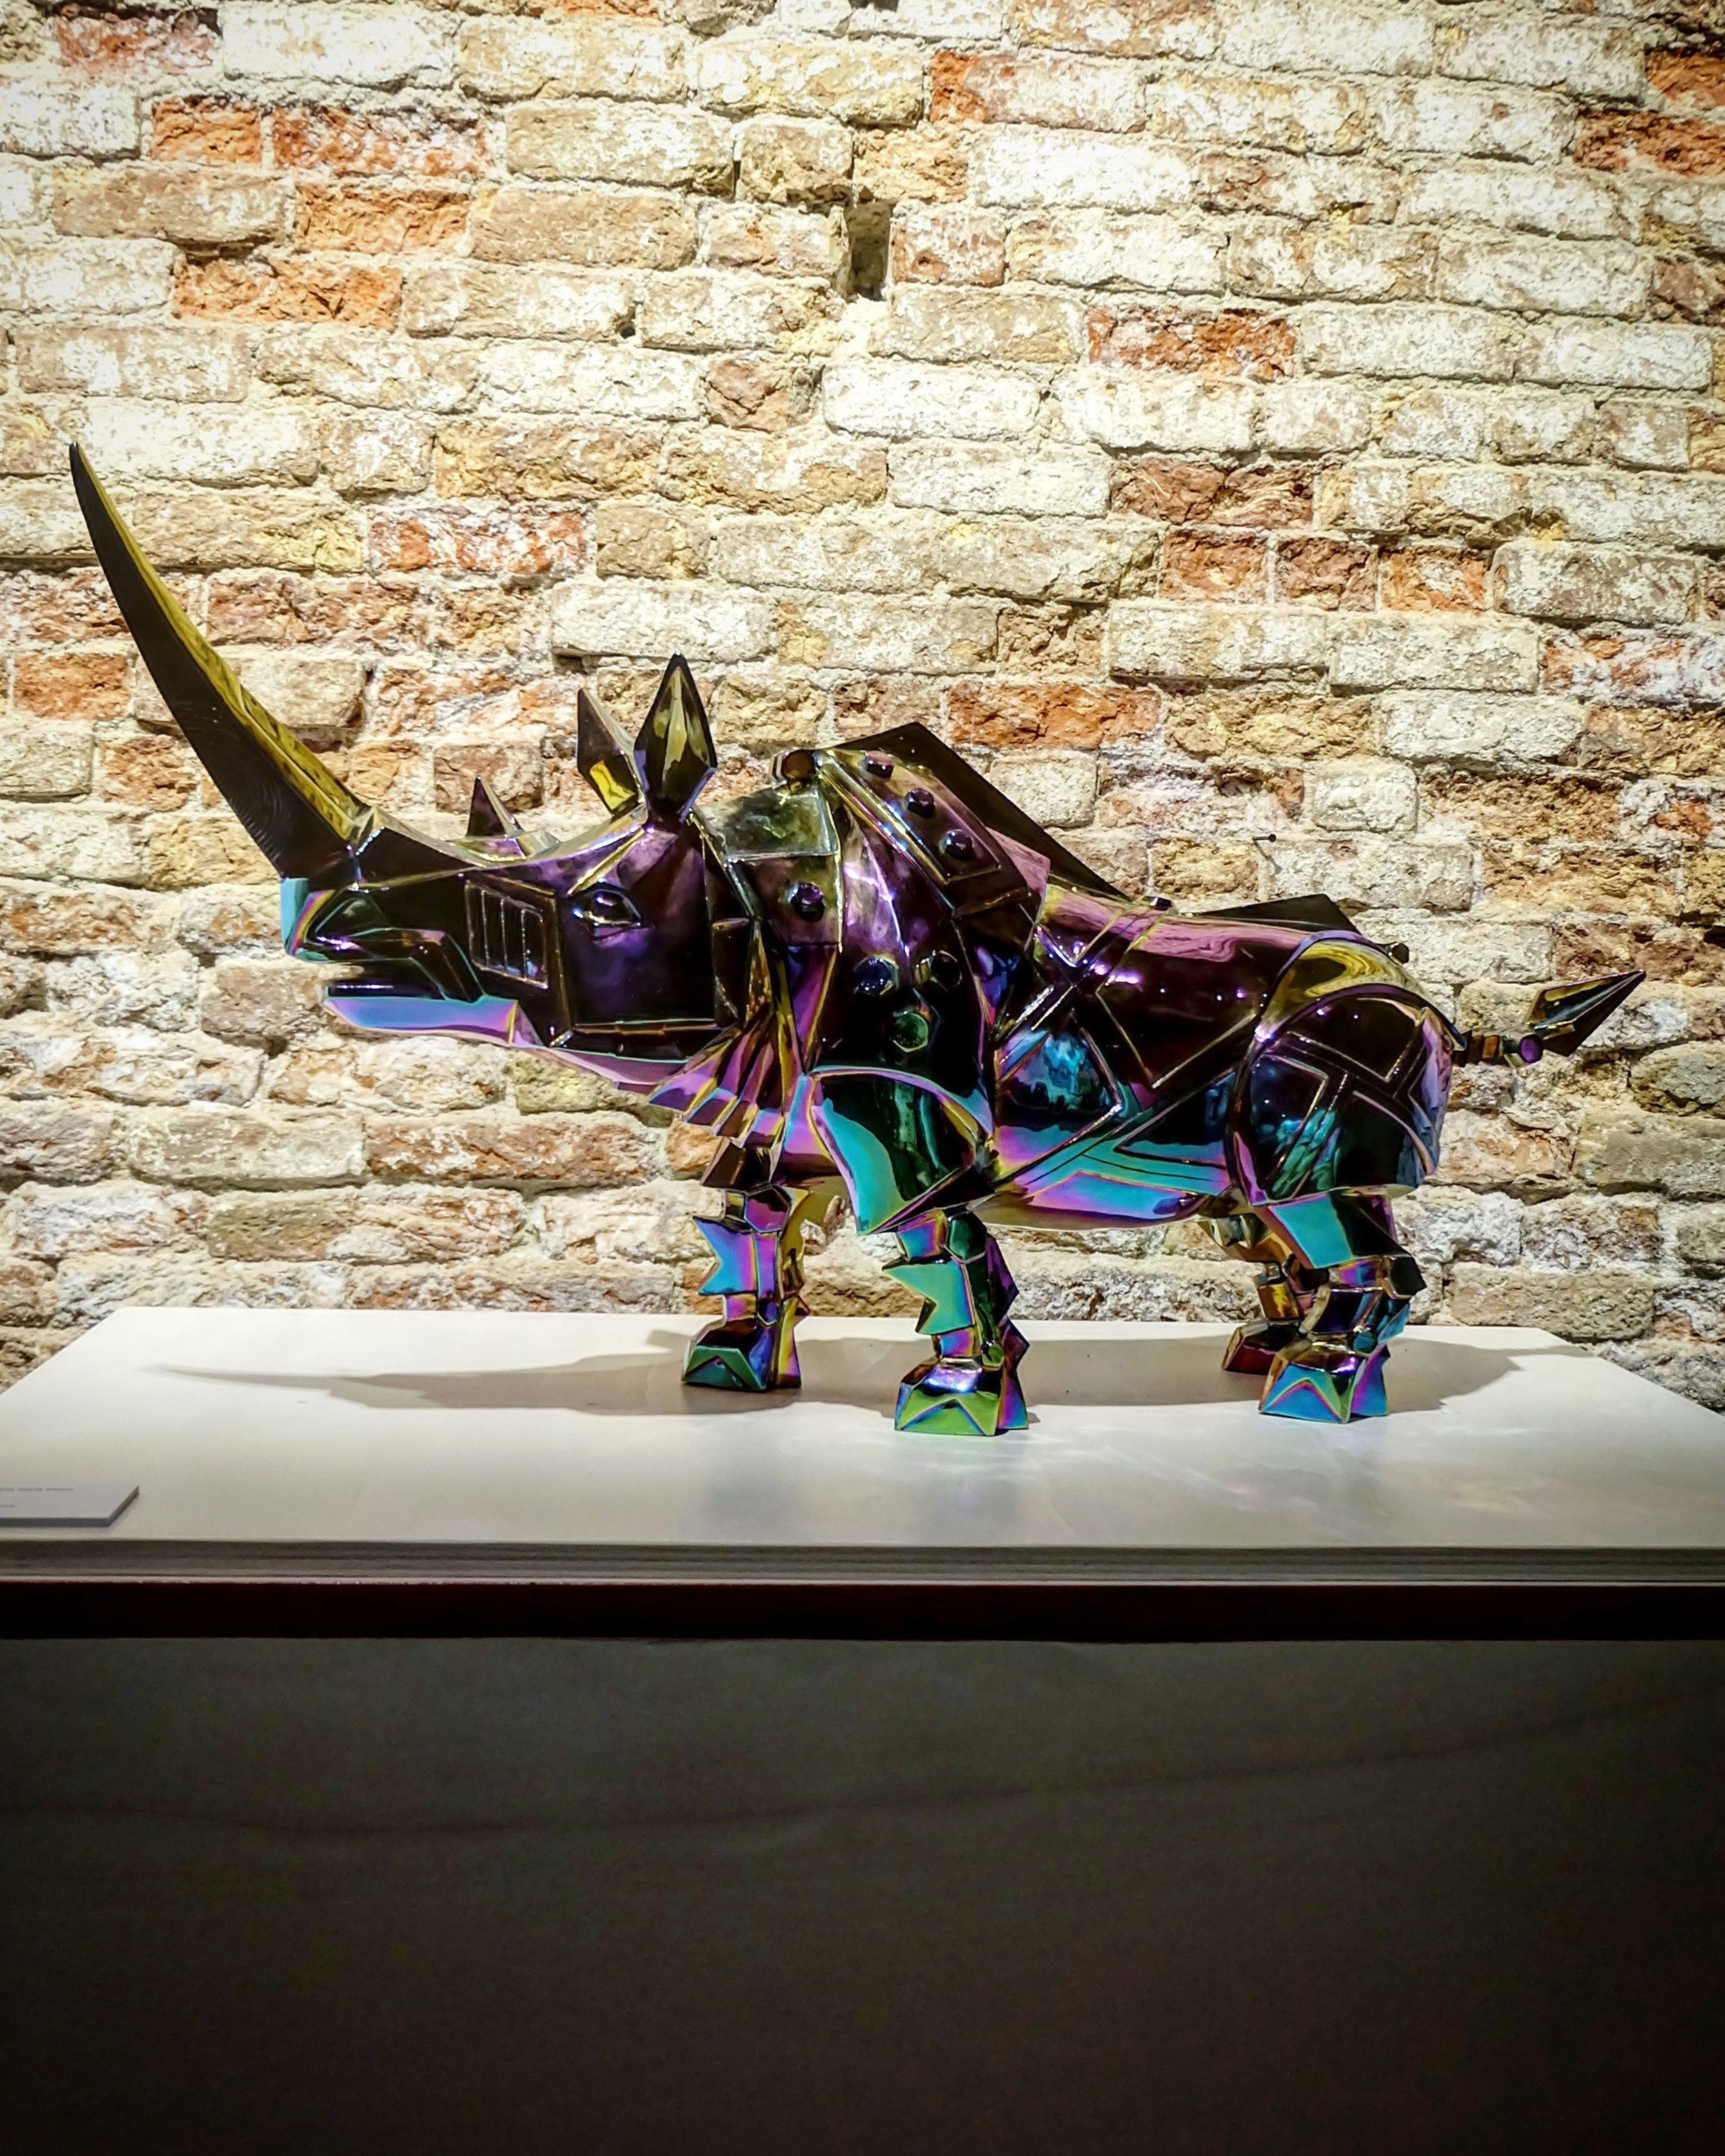 Rhinoceros: Luxury's Fragile Frontier Champagne Rhino by Shih Li-Jen